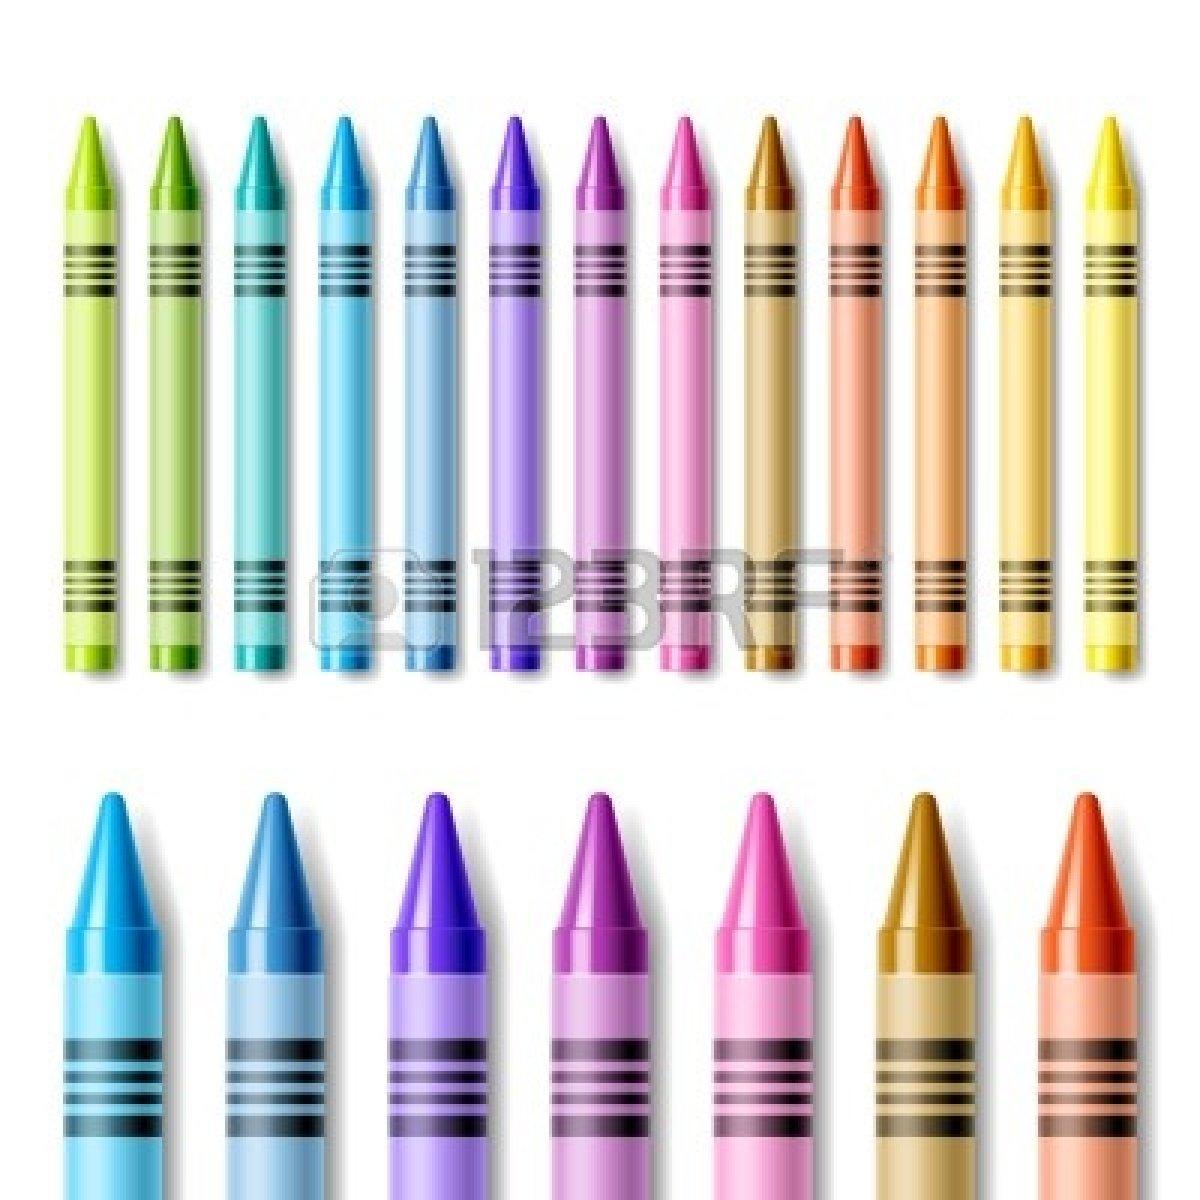 1200x1200 Crayola Crayon Vector